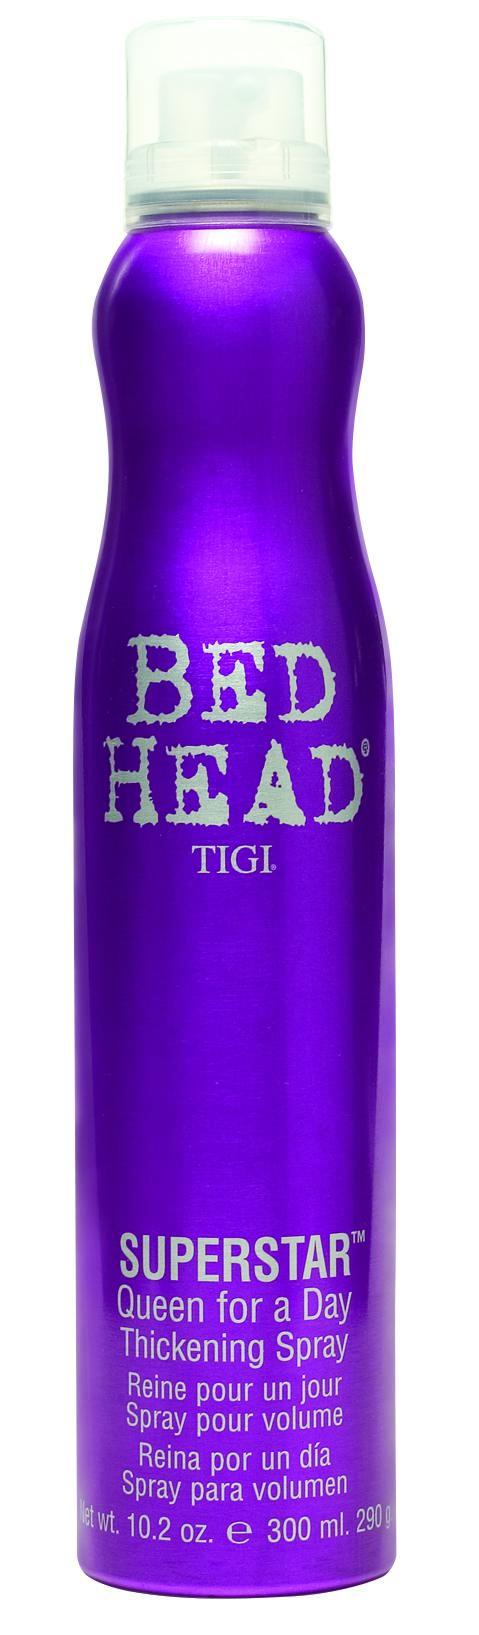 TIGI Bed Head Superstar Queen of the Day